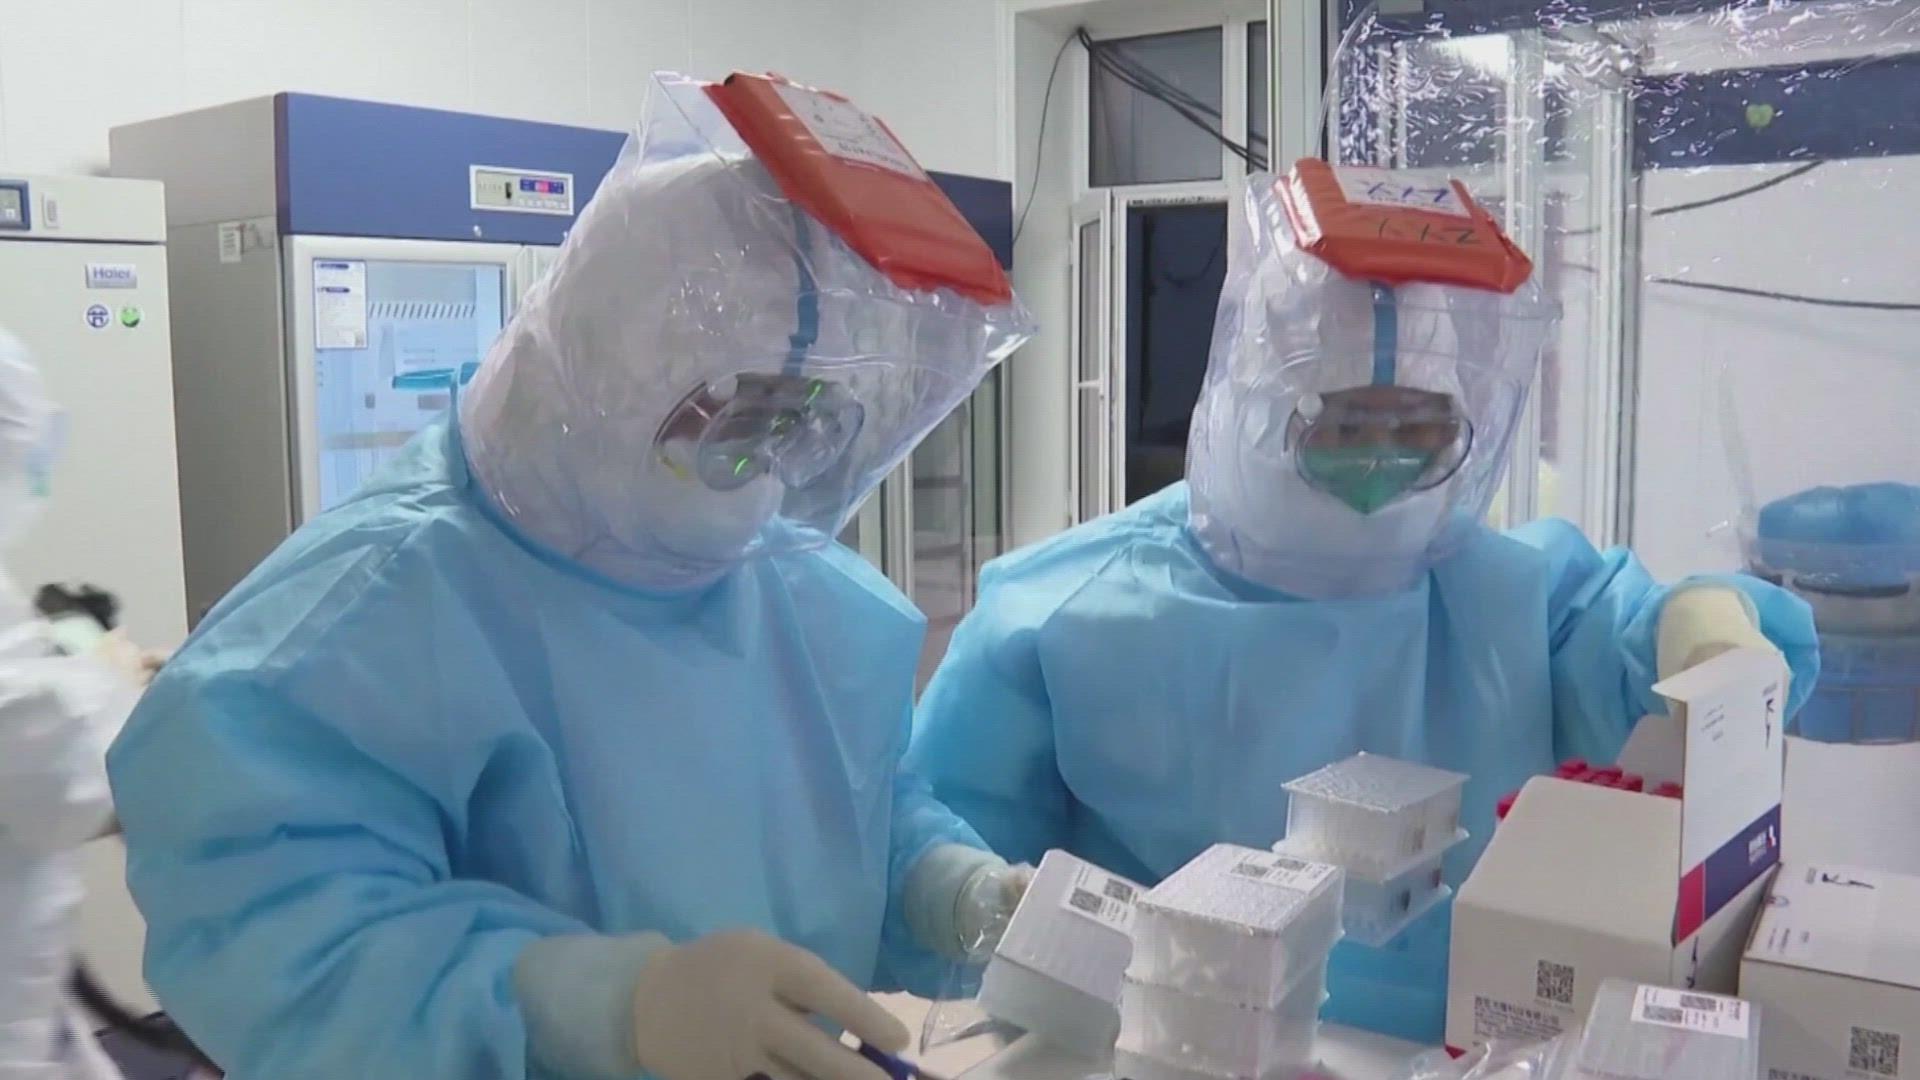 """Coronavirus: El Pentágono explica que """"el peso de la evidencia"""" muestra que el origen del COVID-19 es natural"""